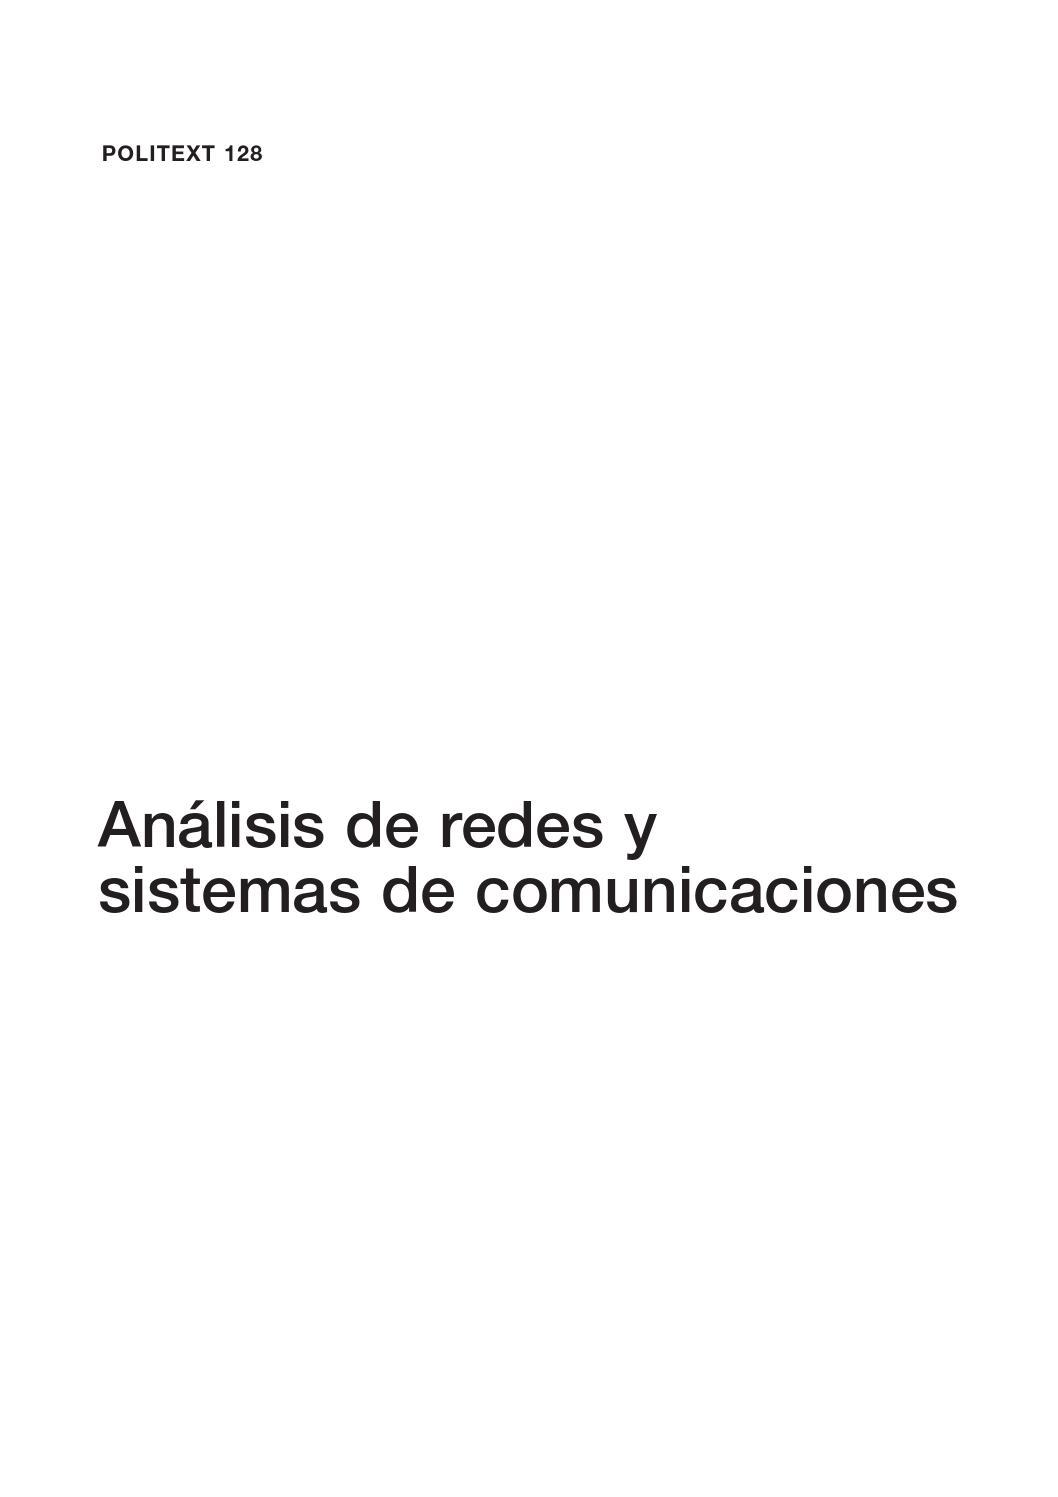 Análisis de redes y sistemas de comunicaciones by klucho19 - issuu